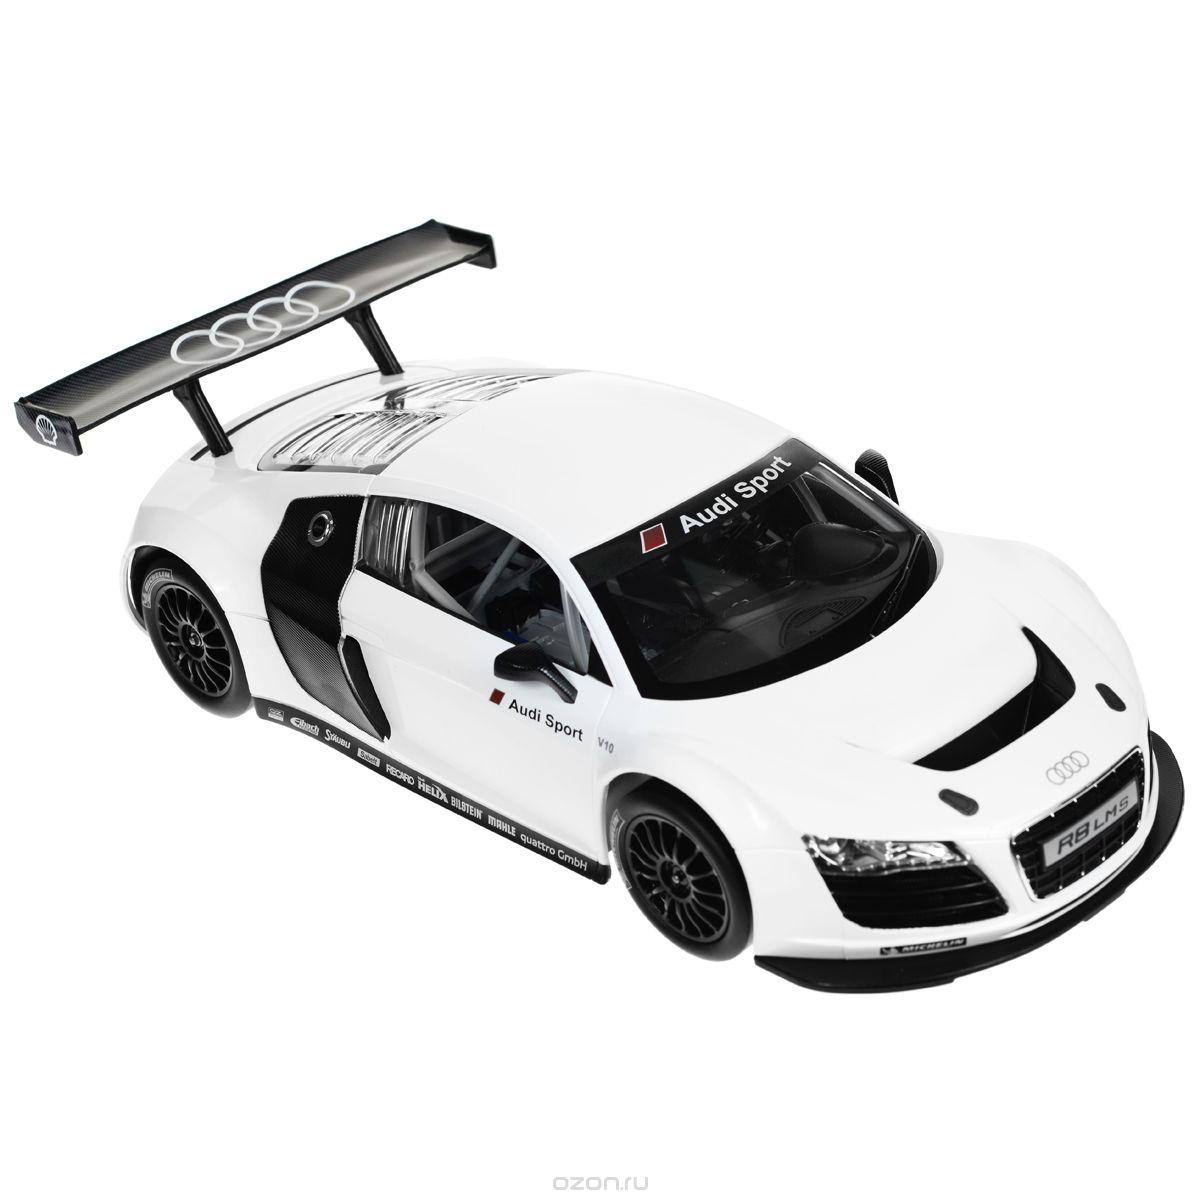 Rastar Радиоуправляемая модель Audi R8 LMS цвет белый масштаб 1:14 - Радиоуправляемые игрушки